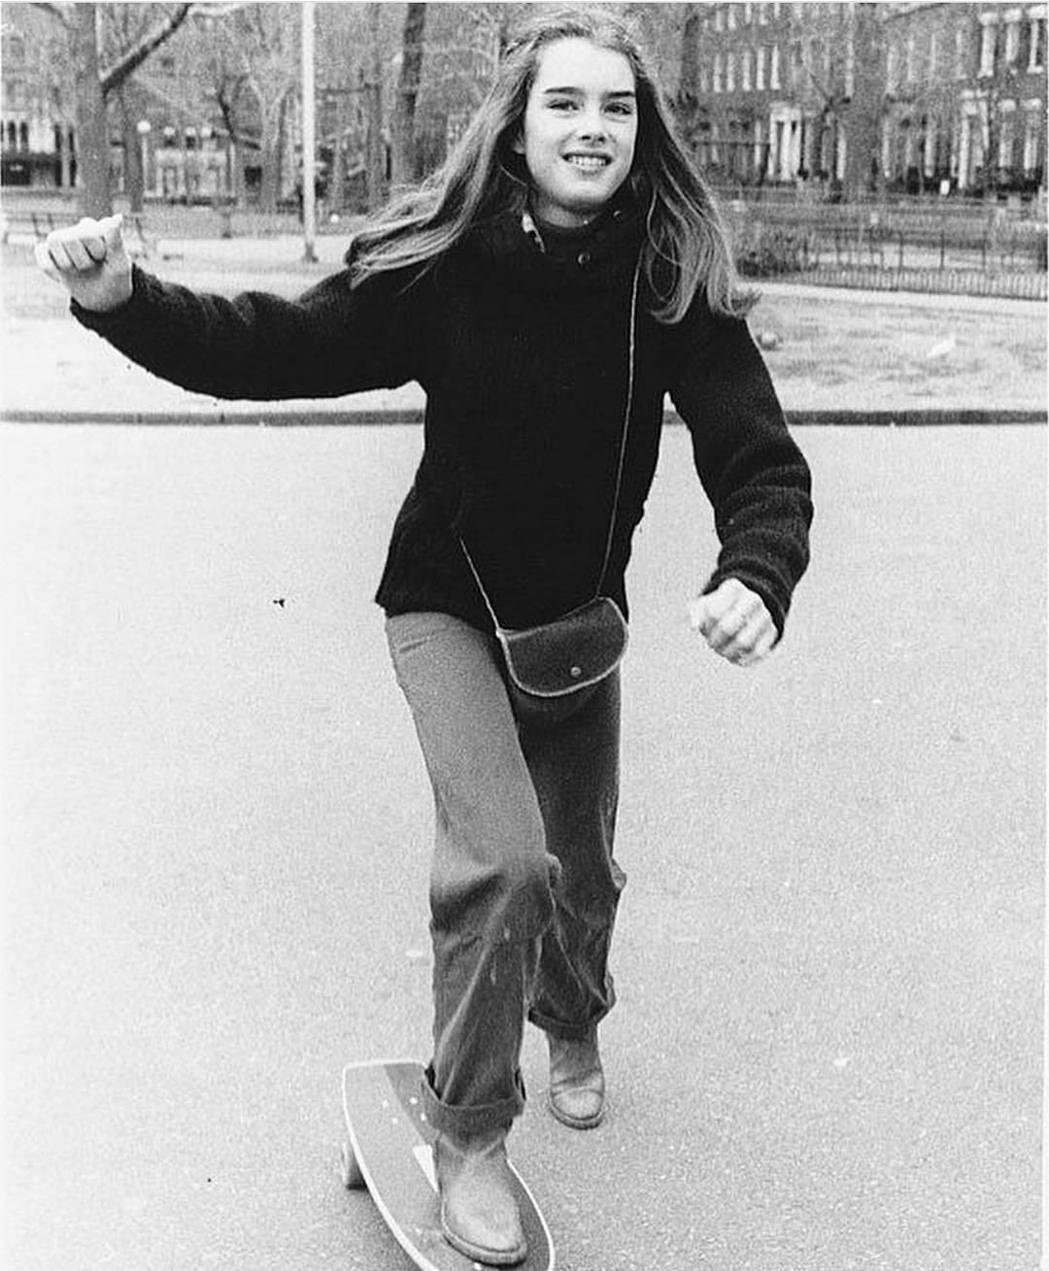 布魯克雪德絲才13歲就已成美國當紅女偶像。圖/摘自Instagram